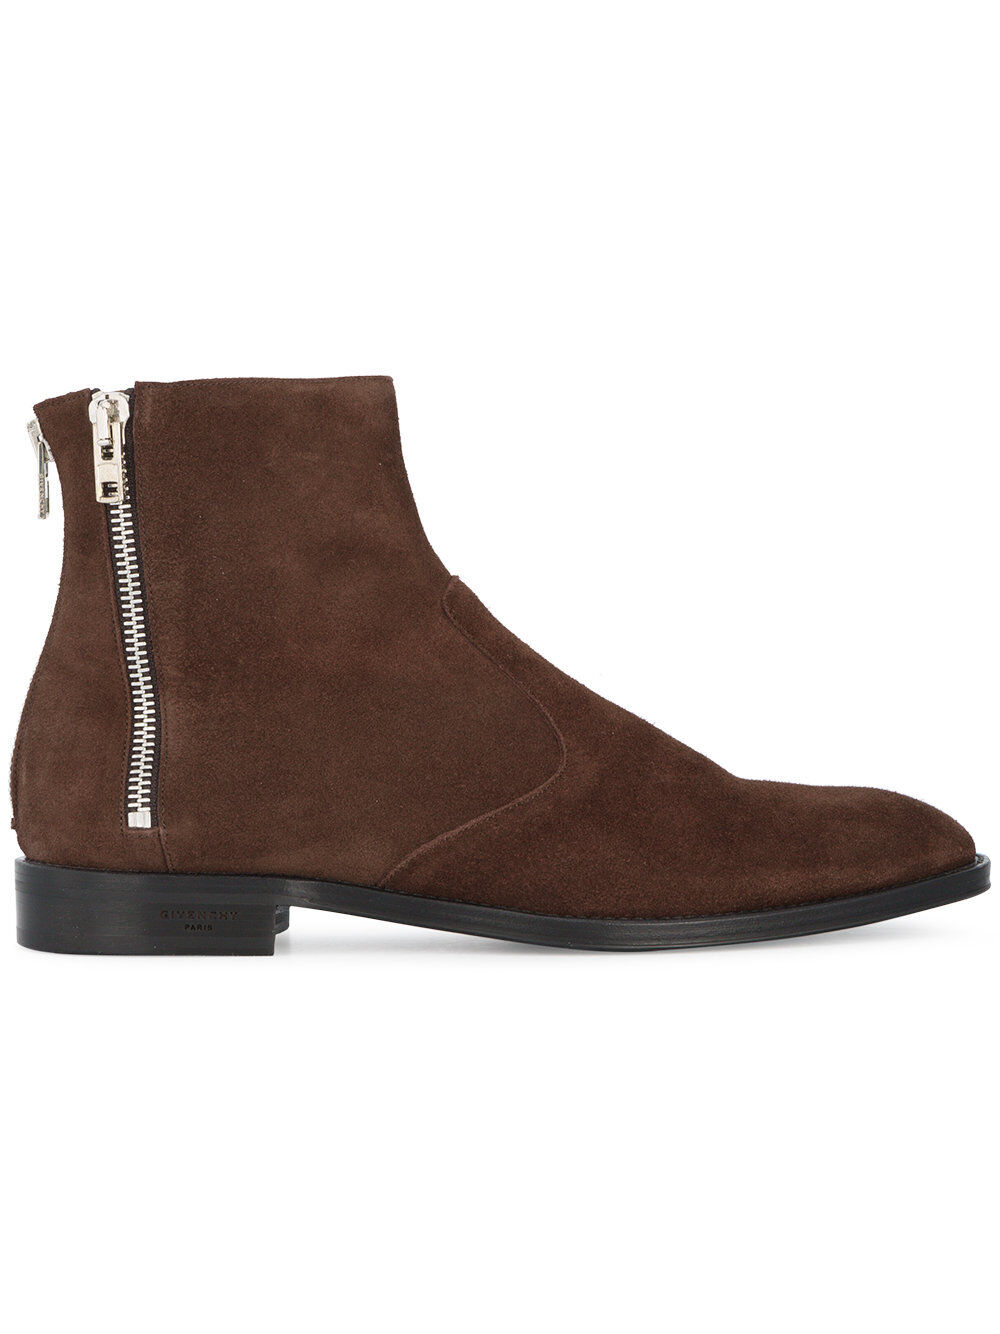 Handmade Men Marroneee stivali, Men Marroneee Suede ankle ankle ankle stivali, Mens style zipper stivali aa0327